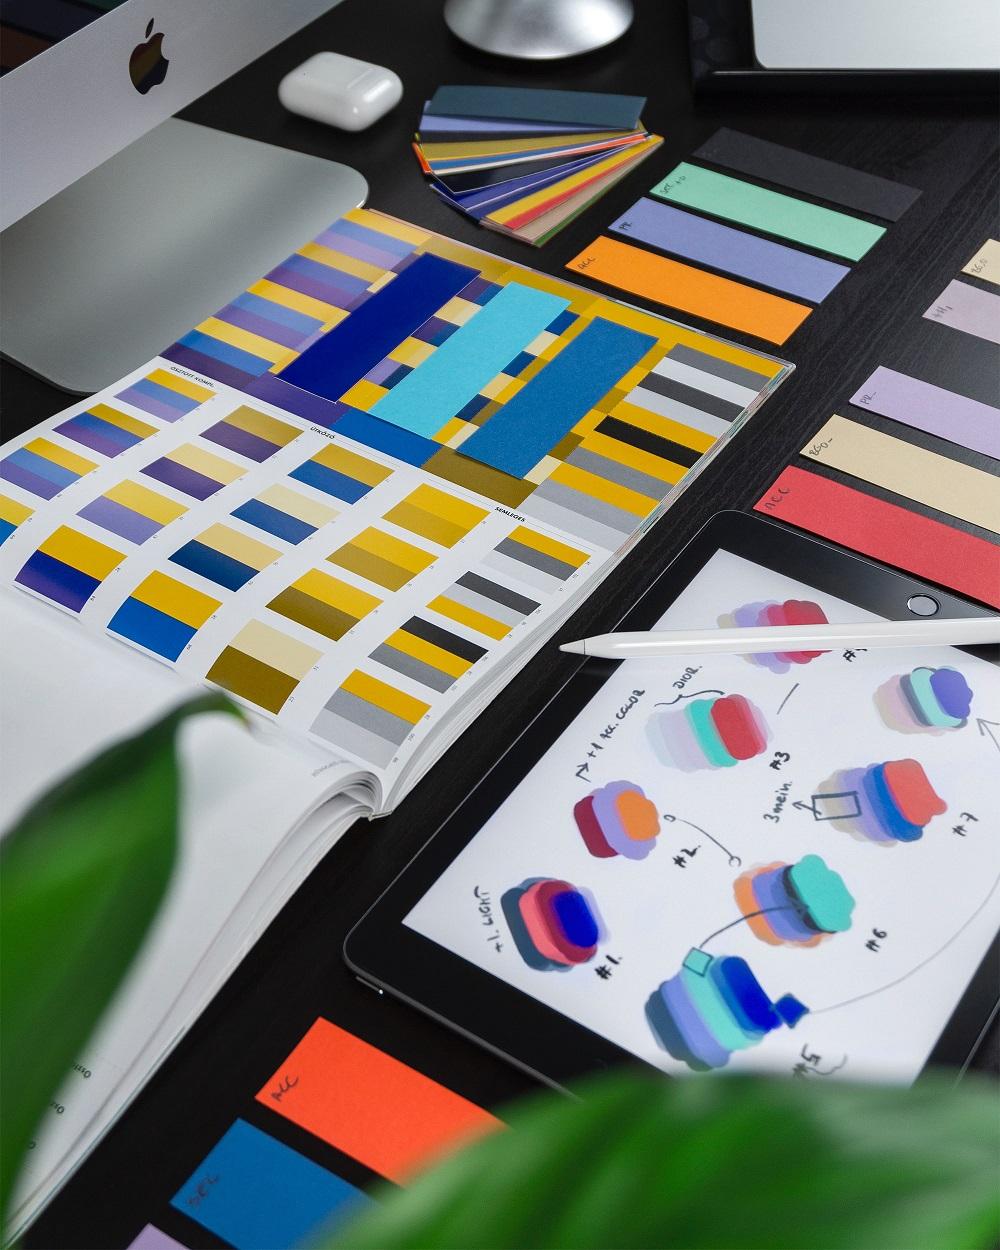 escritorio cubierto de paletas de colores